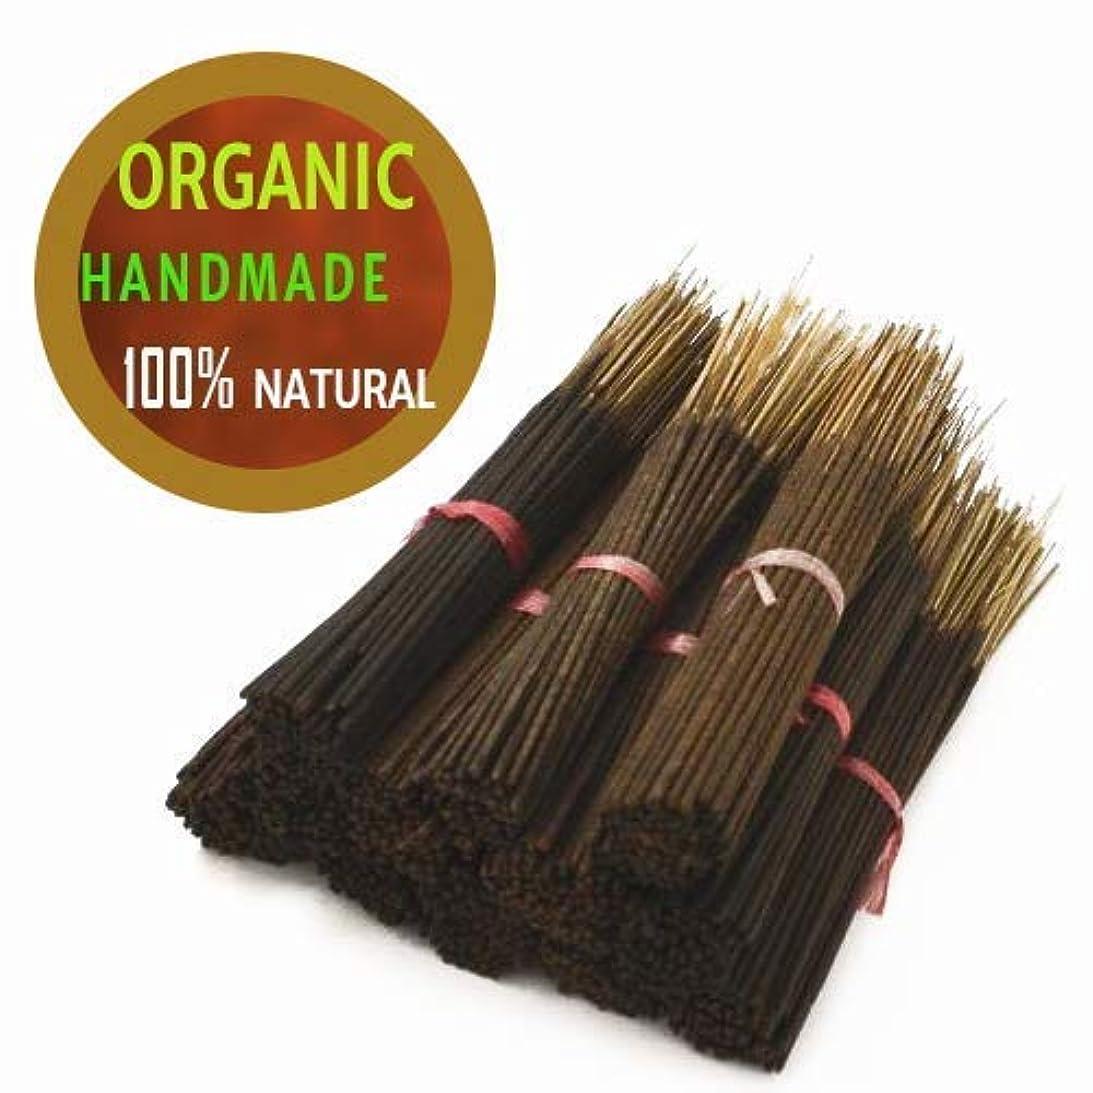 誇りに思う勝者手つかずのYajna Frankincense And Myrrh 100% Natural Incense Sticks Handmade Hand Dipped The Best Woods Scent (500 Pack-100...